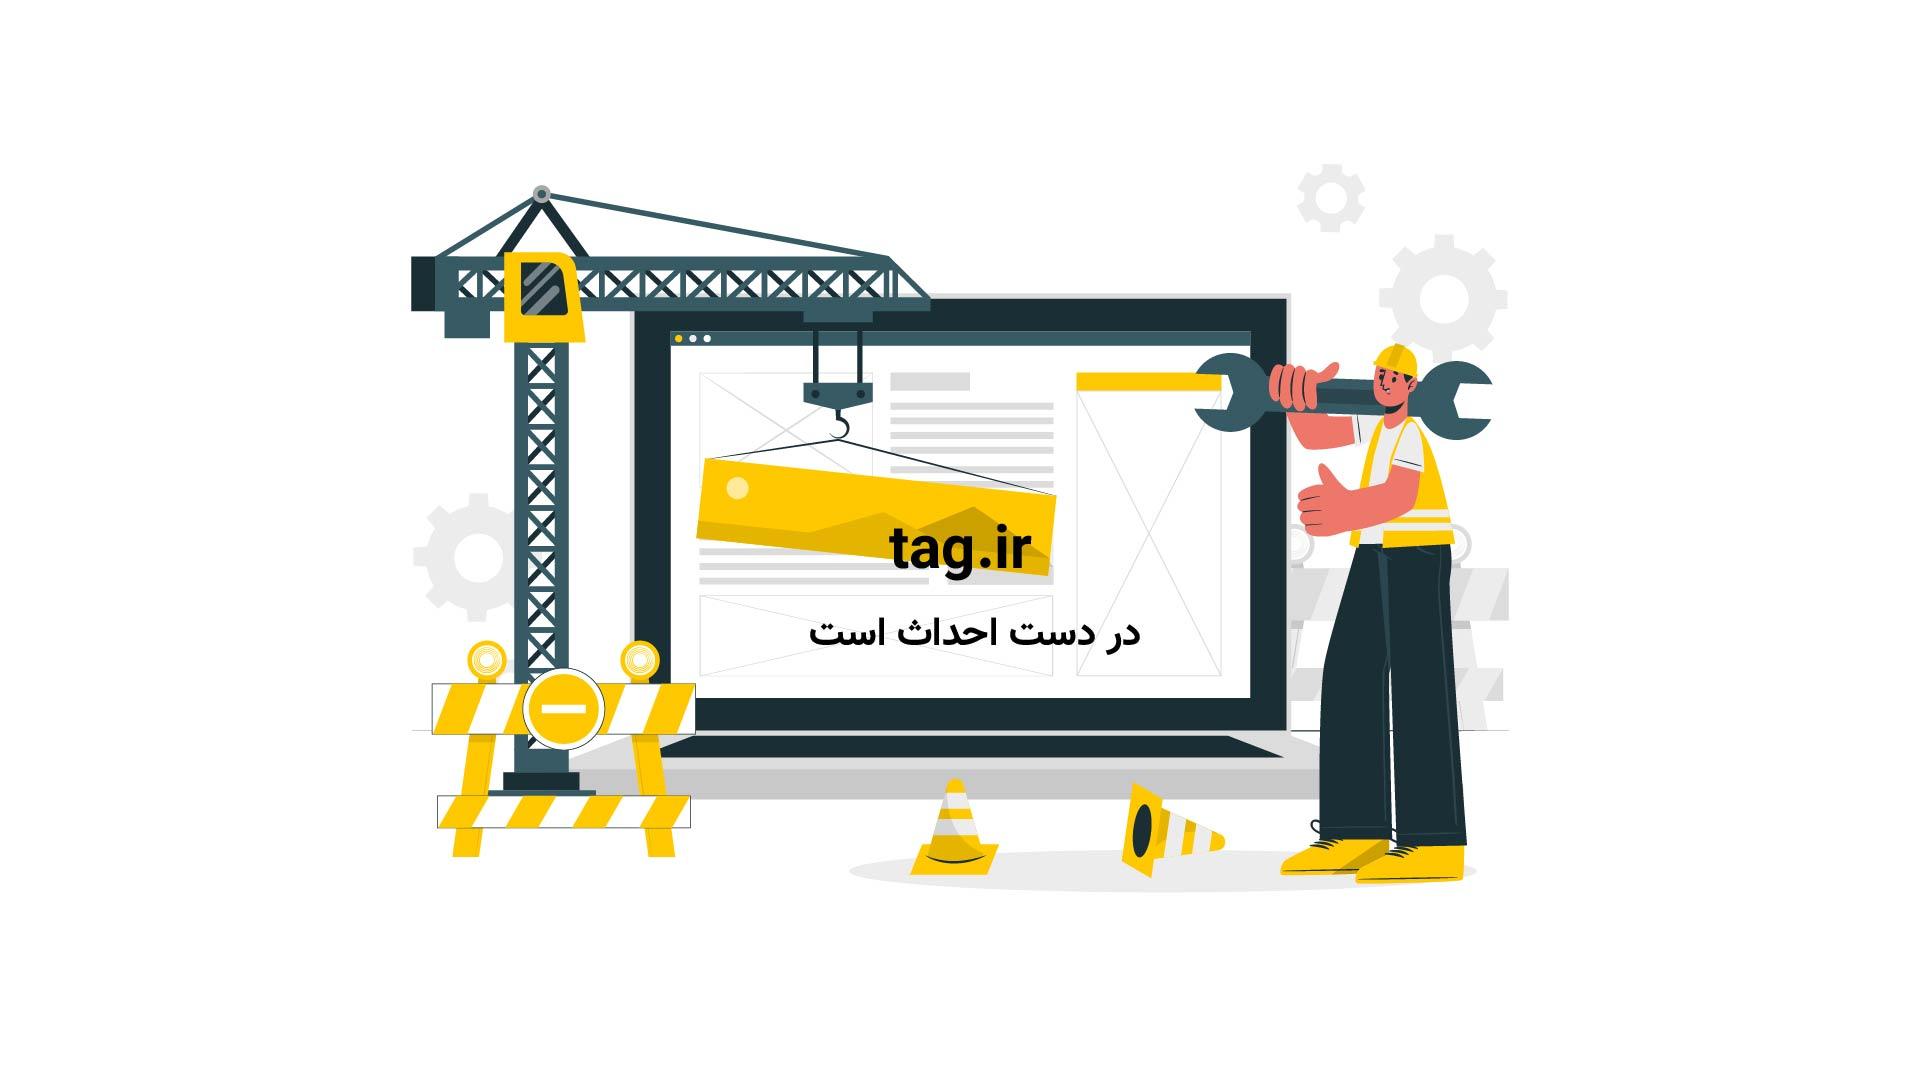 تصادفات ایران | تگ